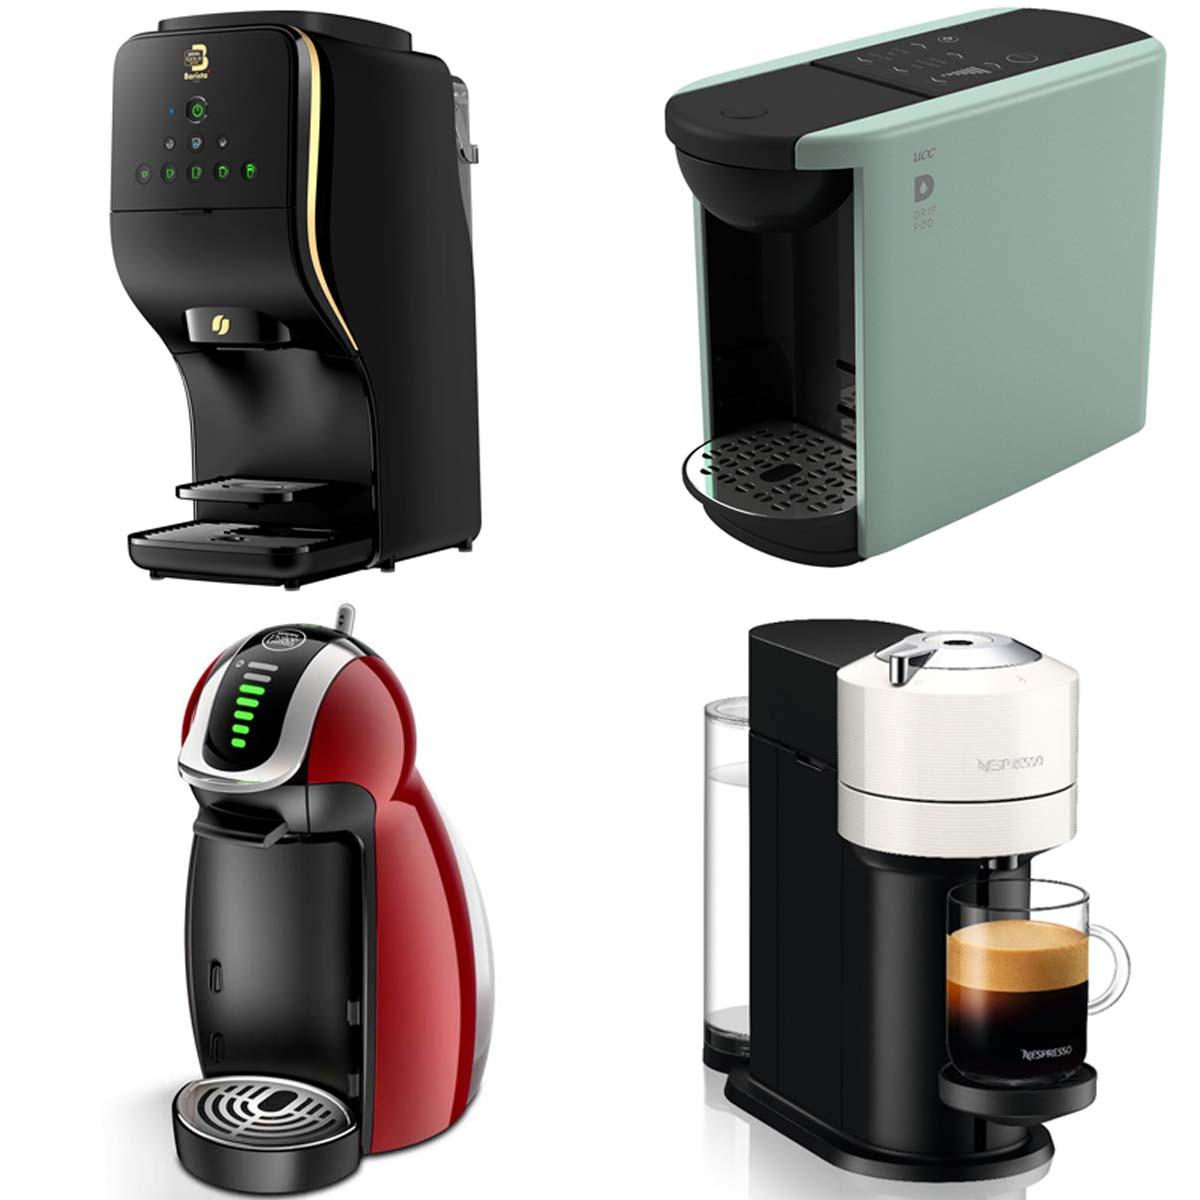 ボタンひとつで本格派! カプセル式コーヒーメーカー大集合